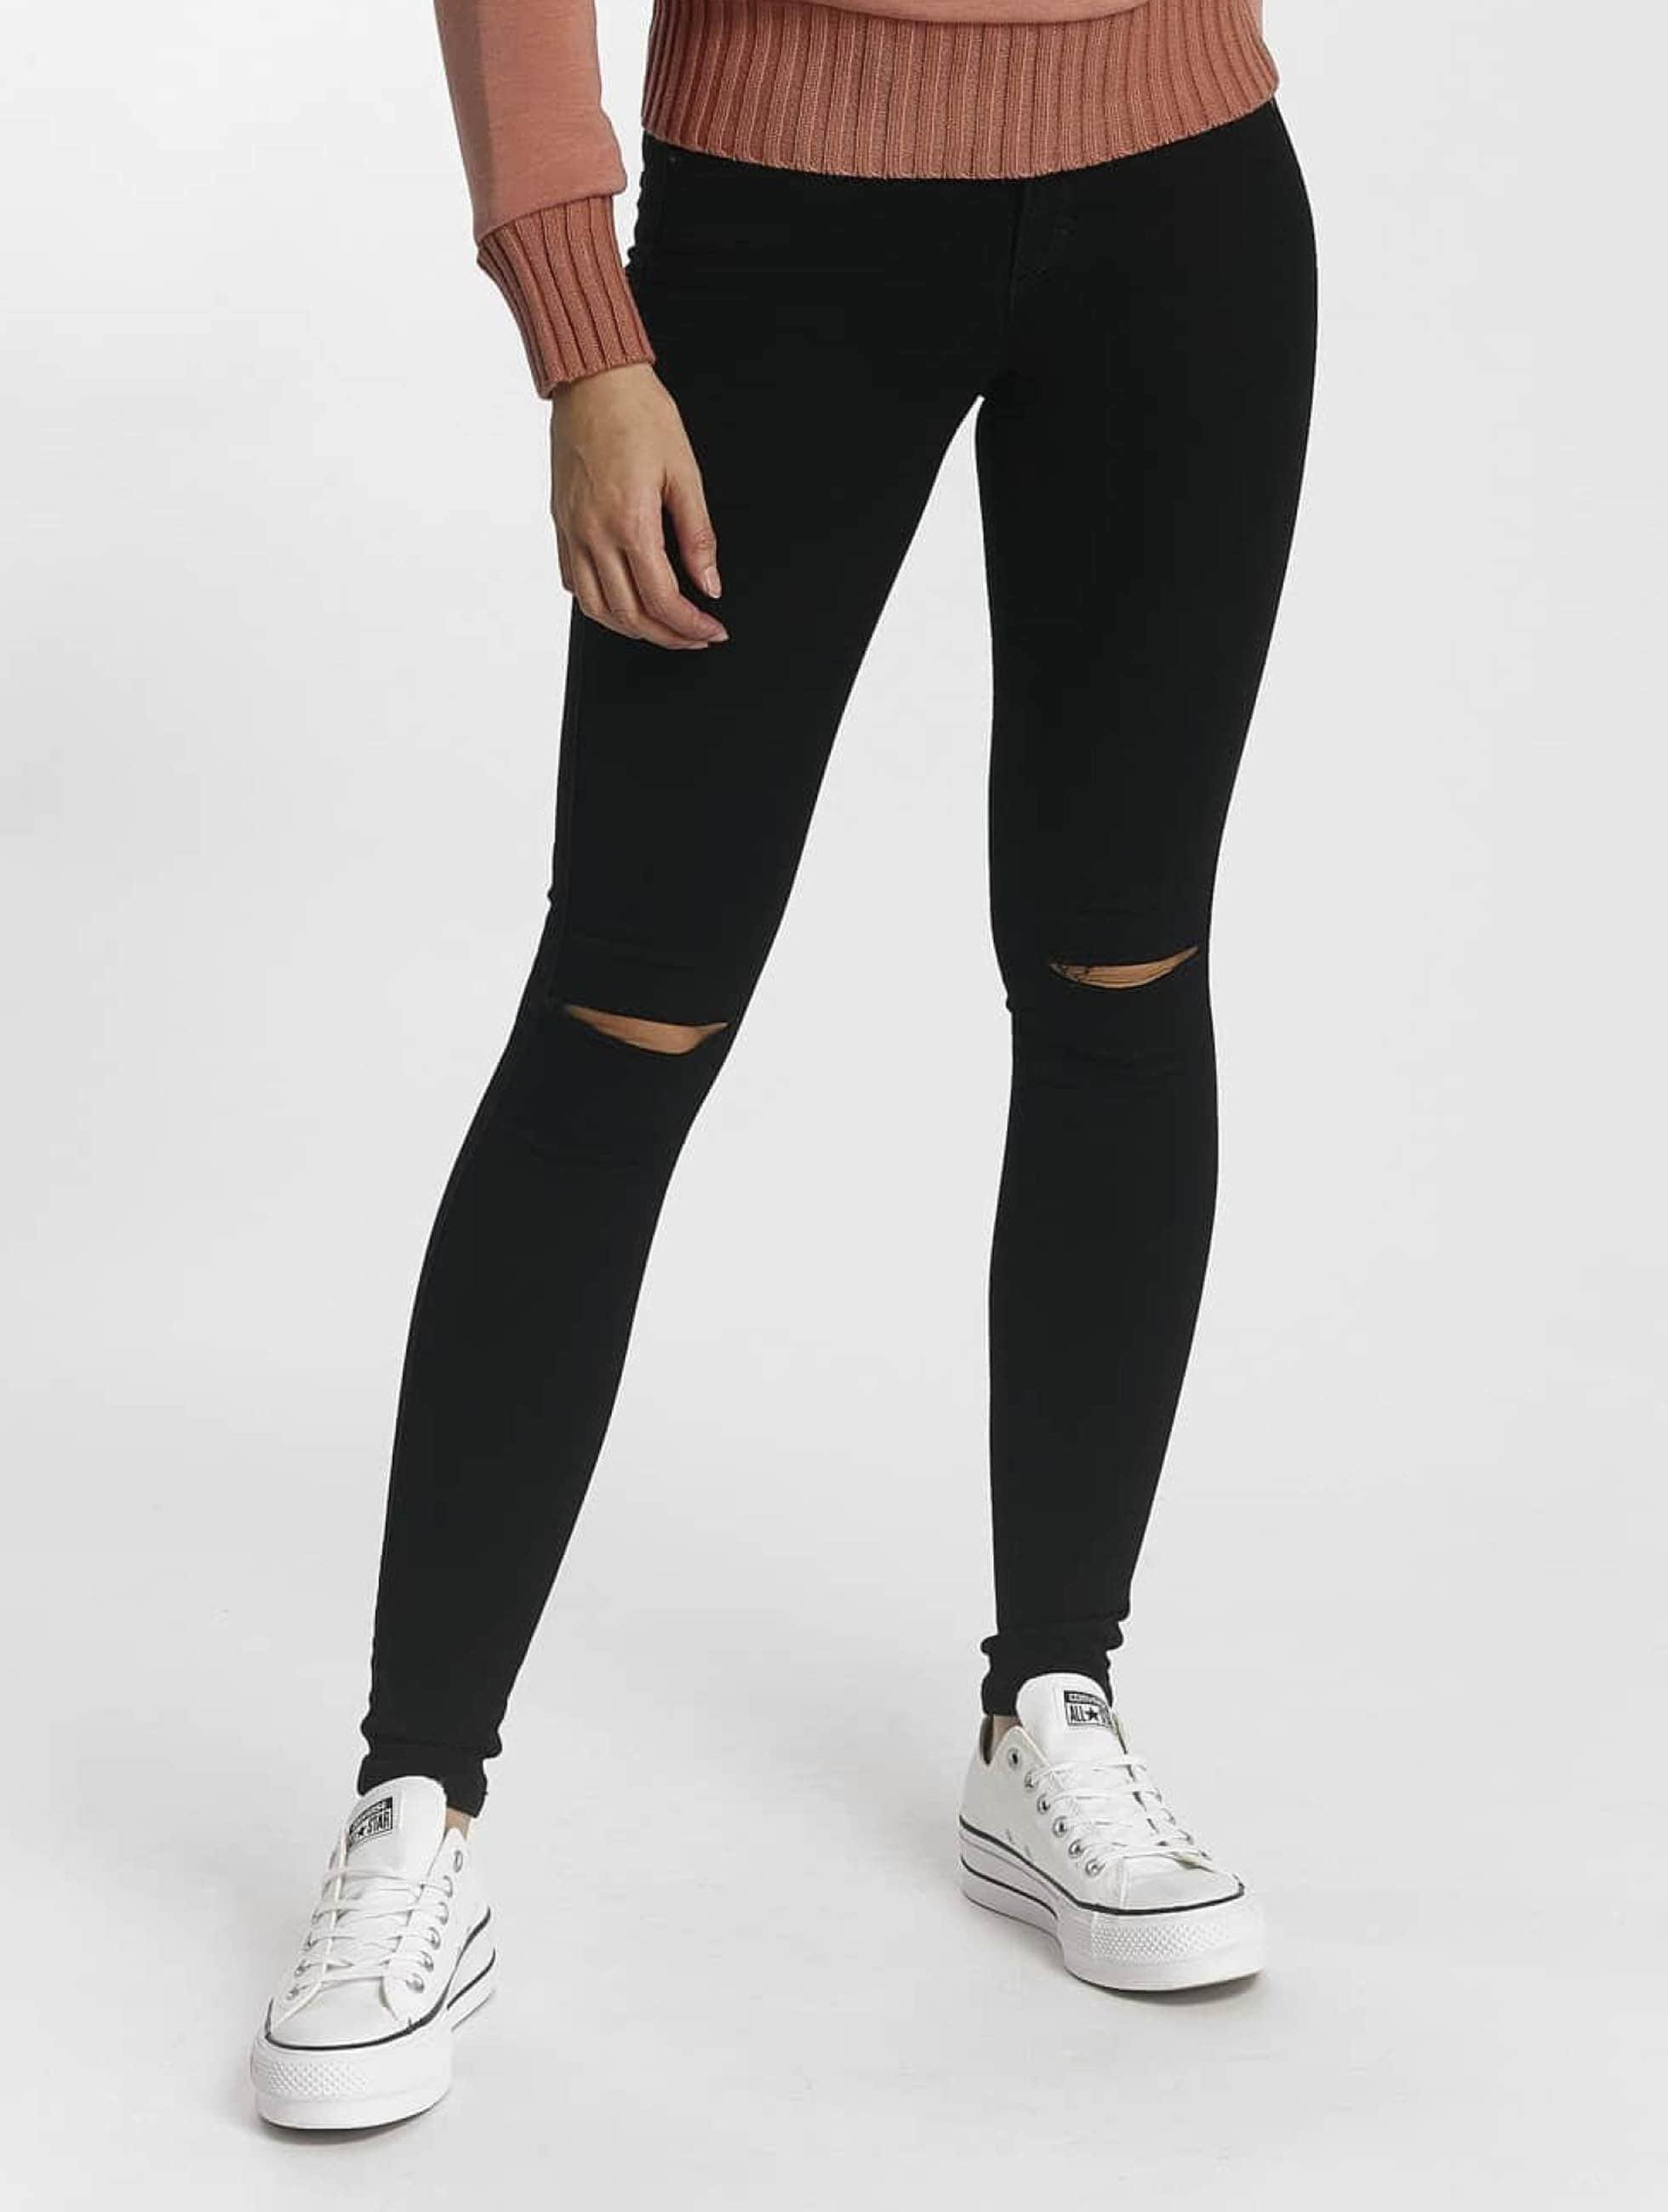 6 джинсы